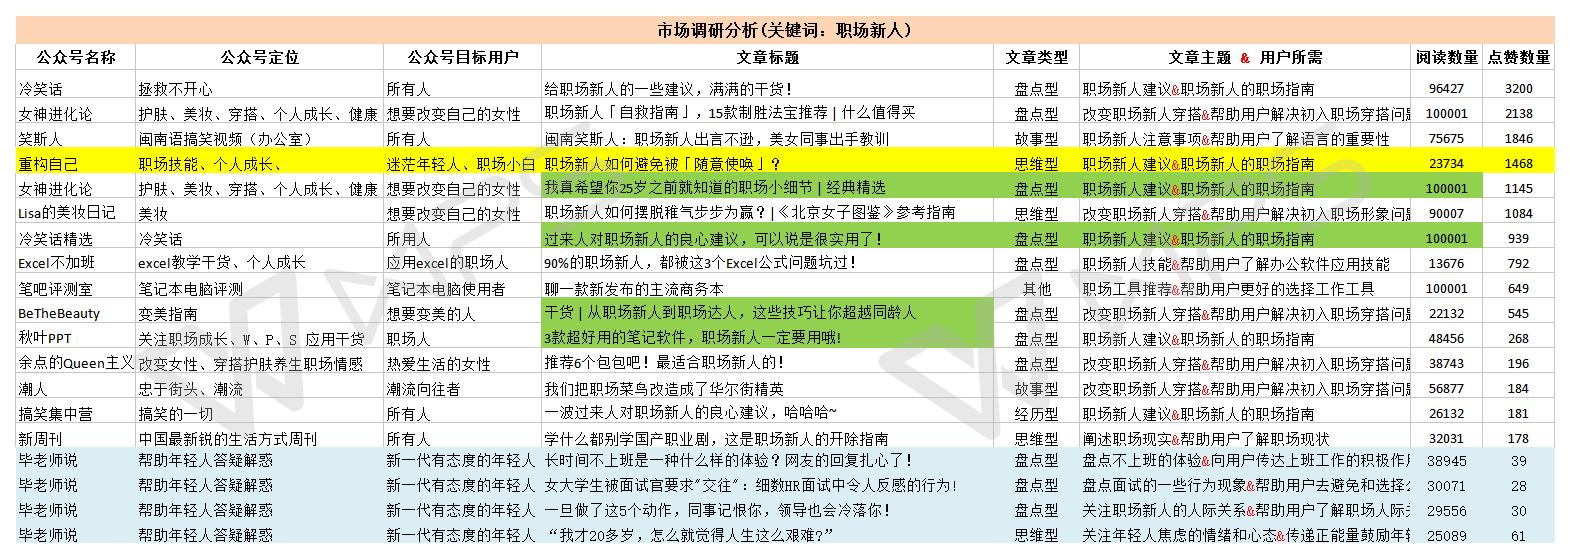 市场调研分析表.png